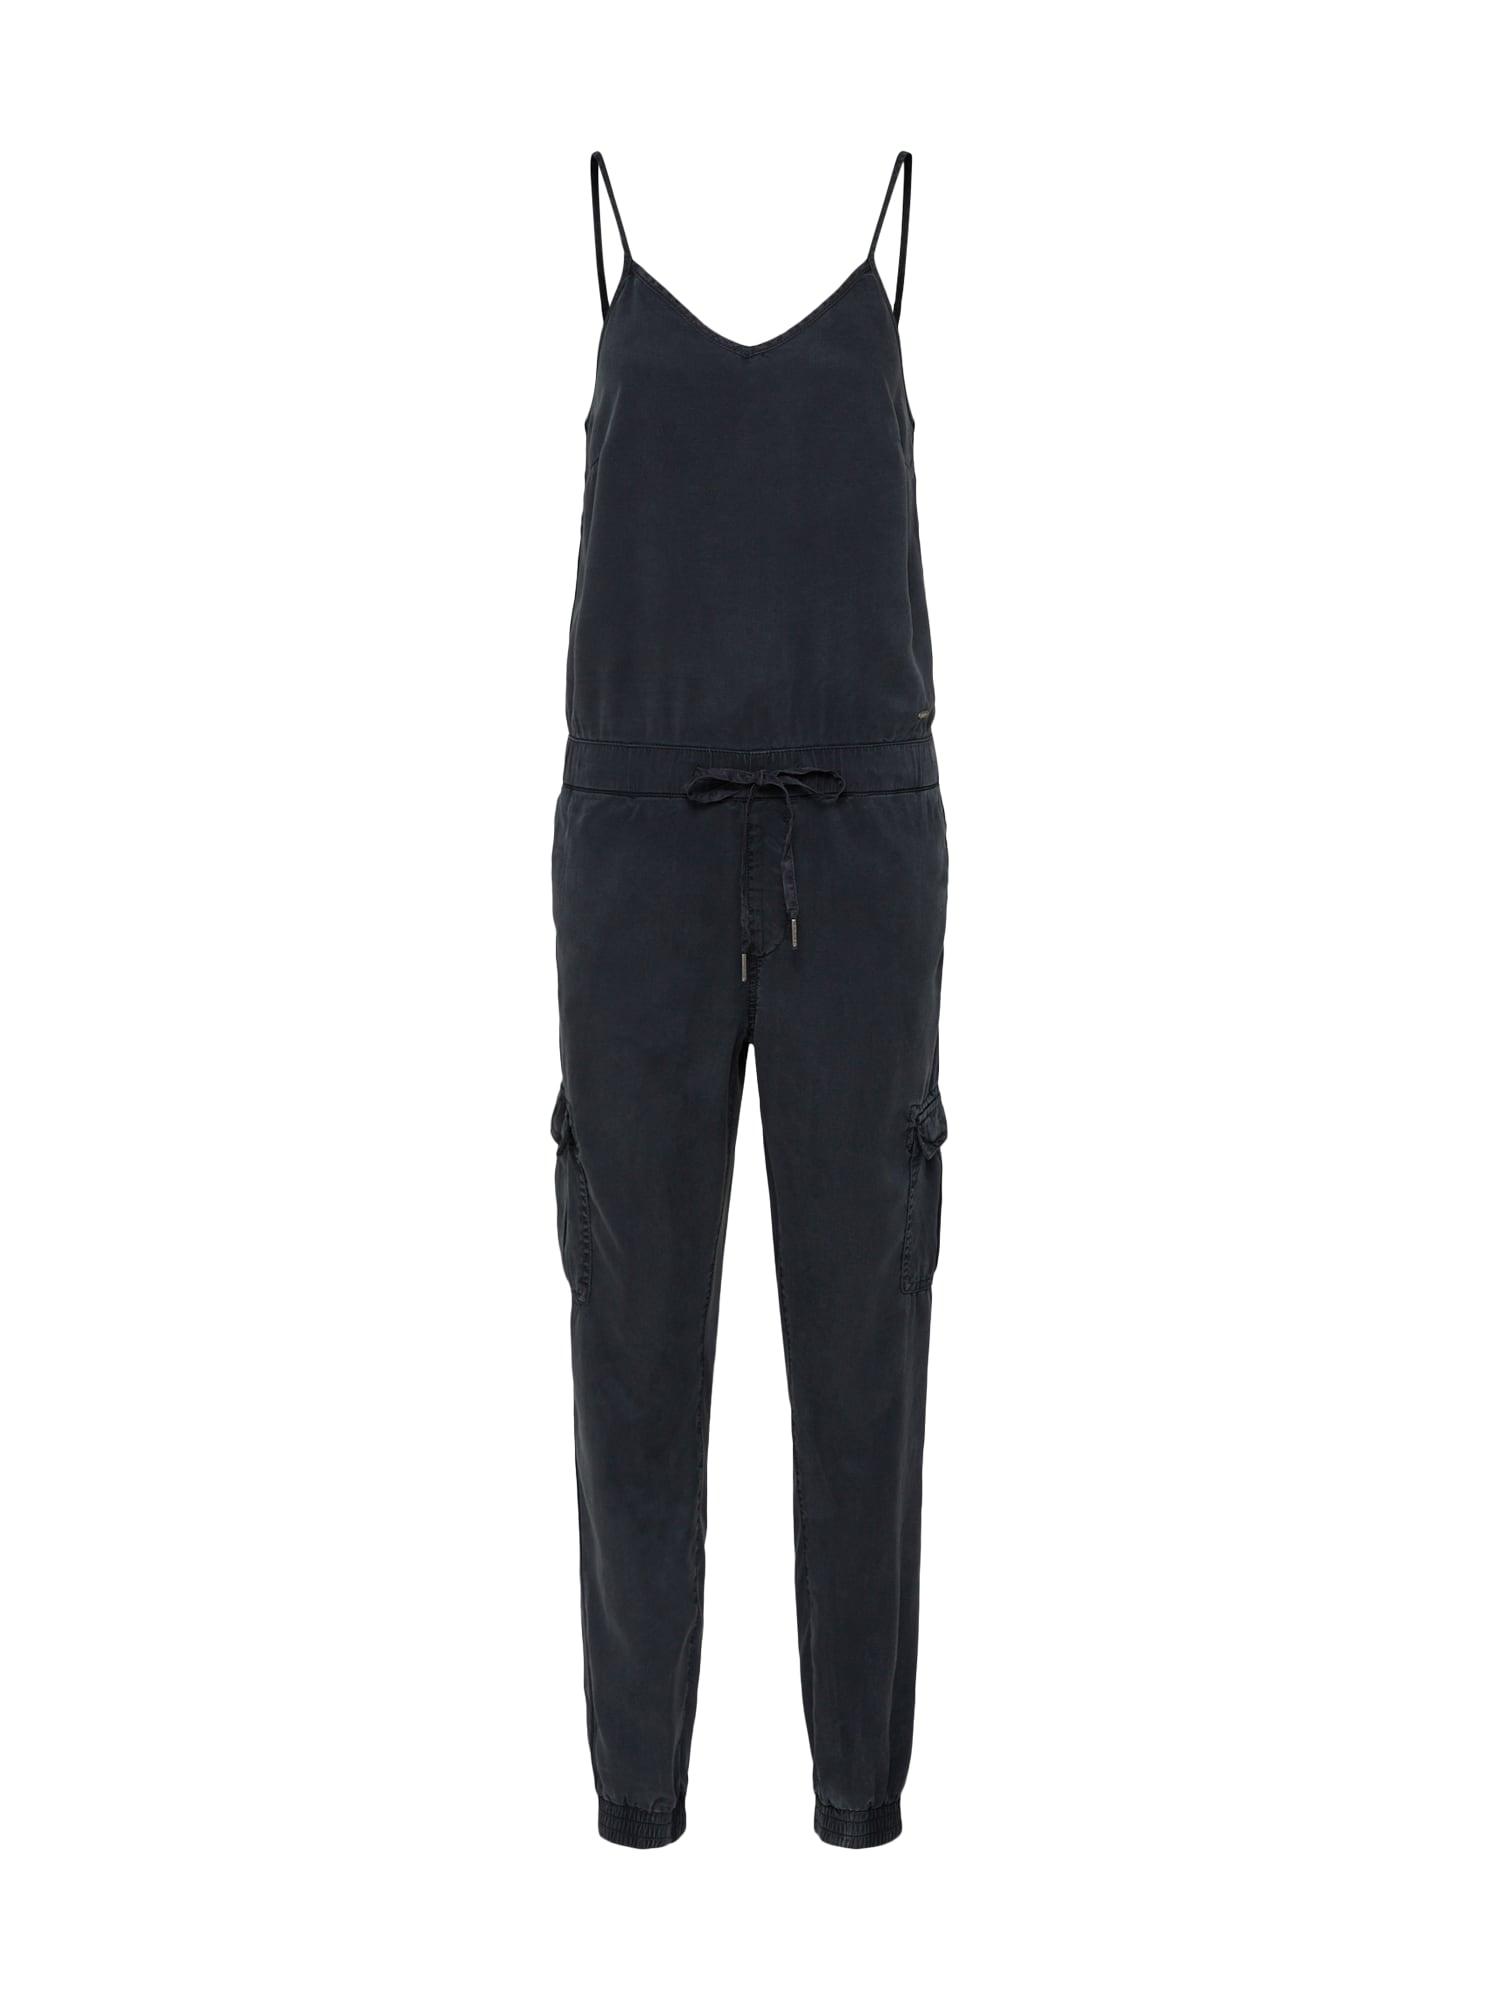 Pepe Jeans Dames Jumpsuit QUEST zwart